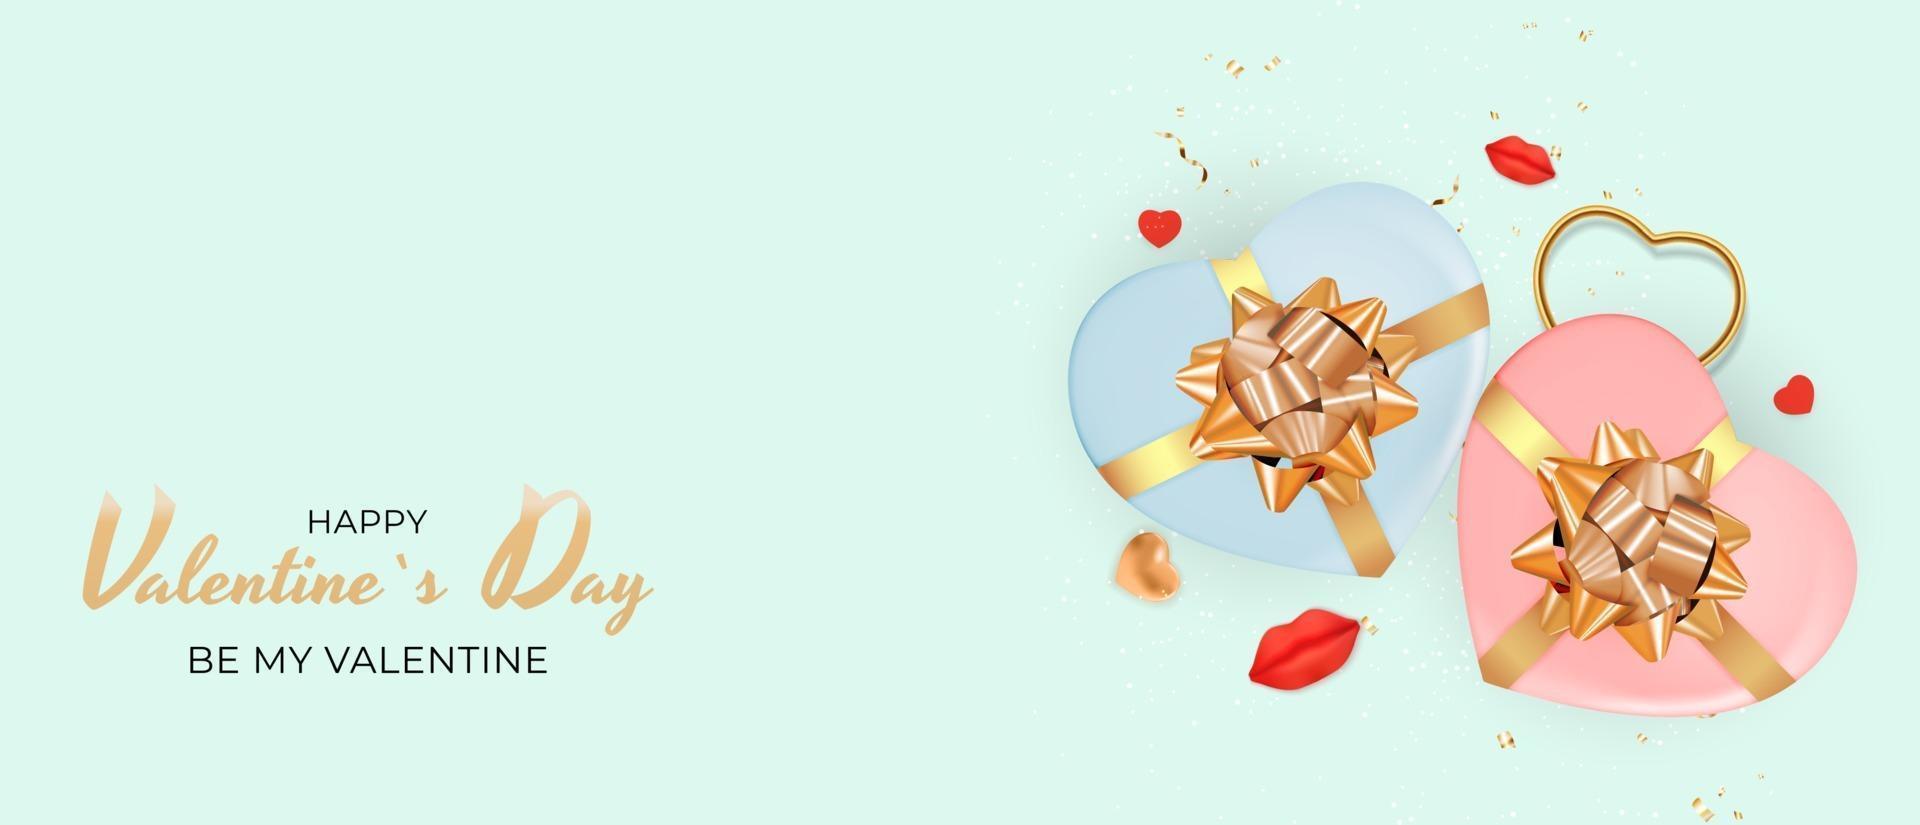 banner di vacanza di San Valentino su sfondo di colore pastello vettore